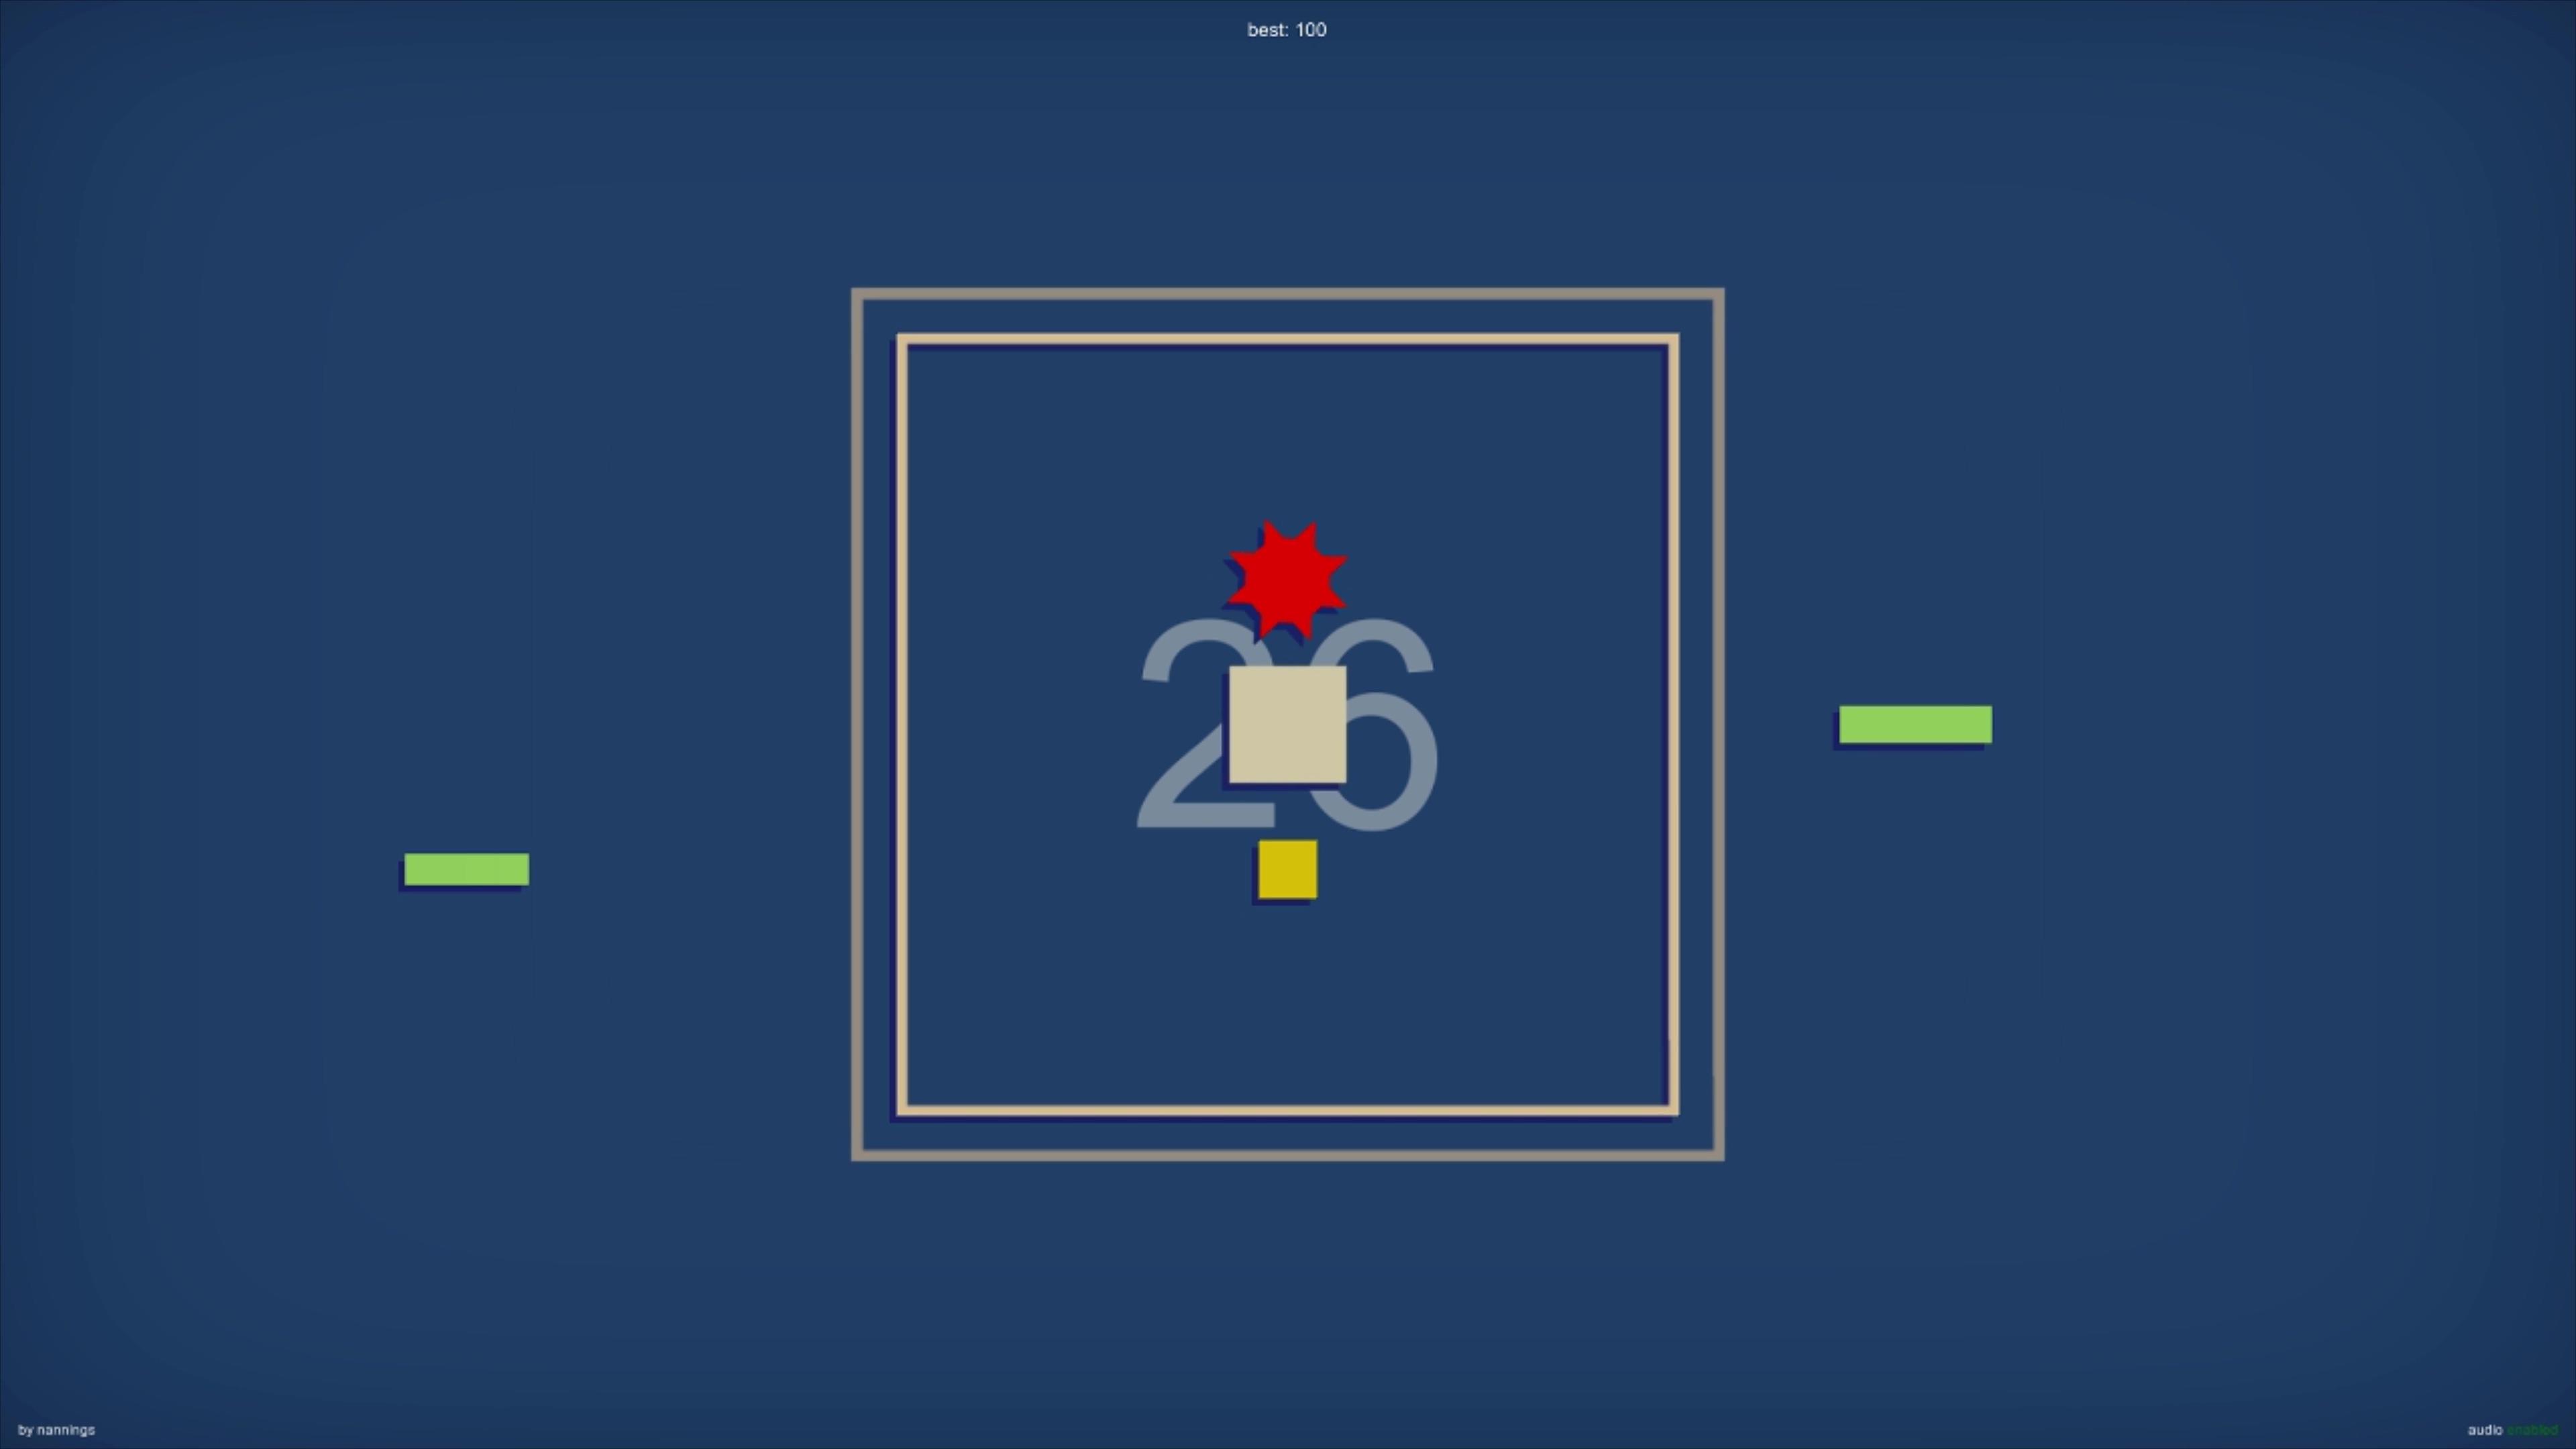 simple square 8